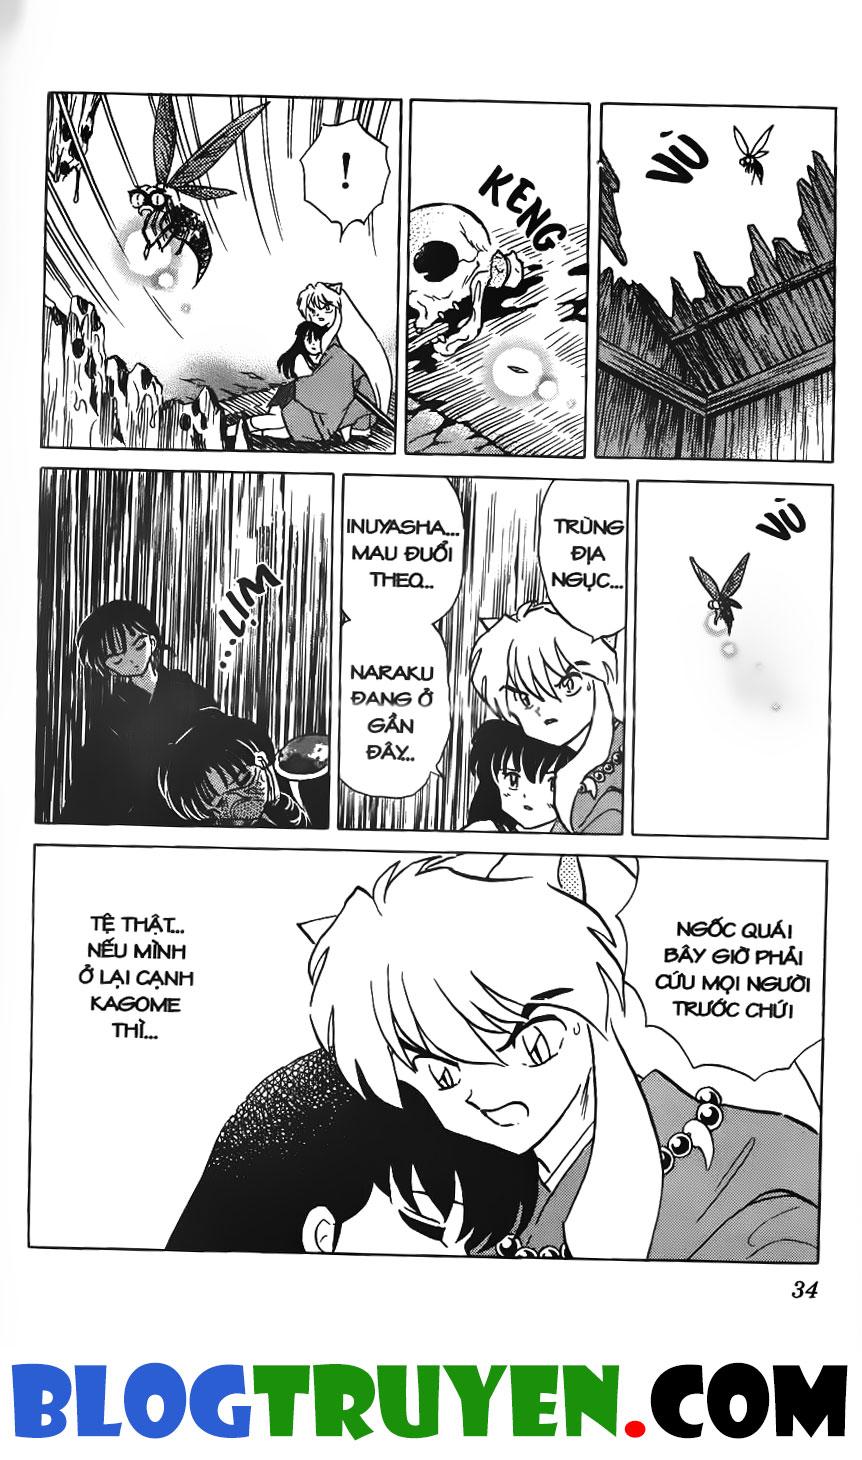 Inuyasha vol 25.2 trang 13